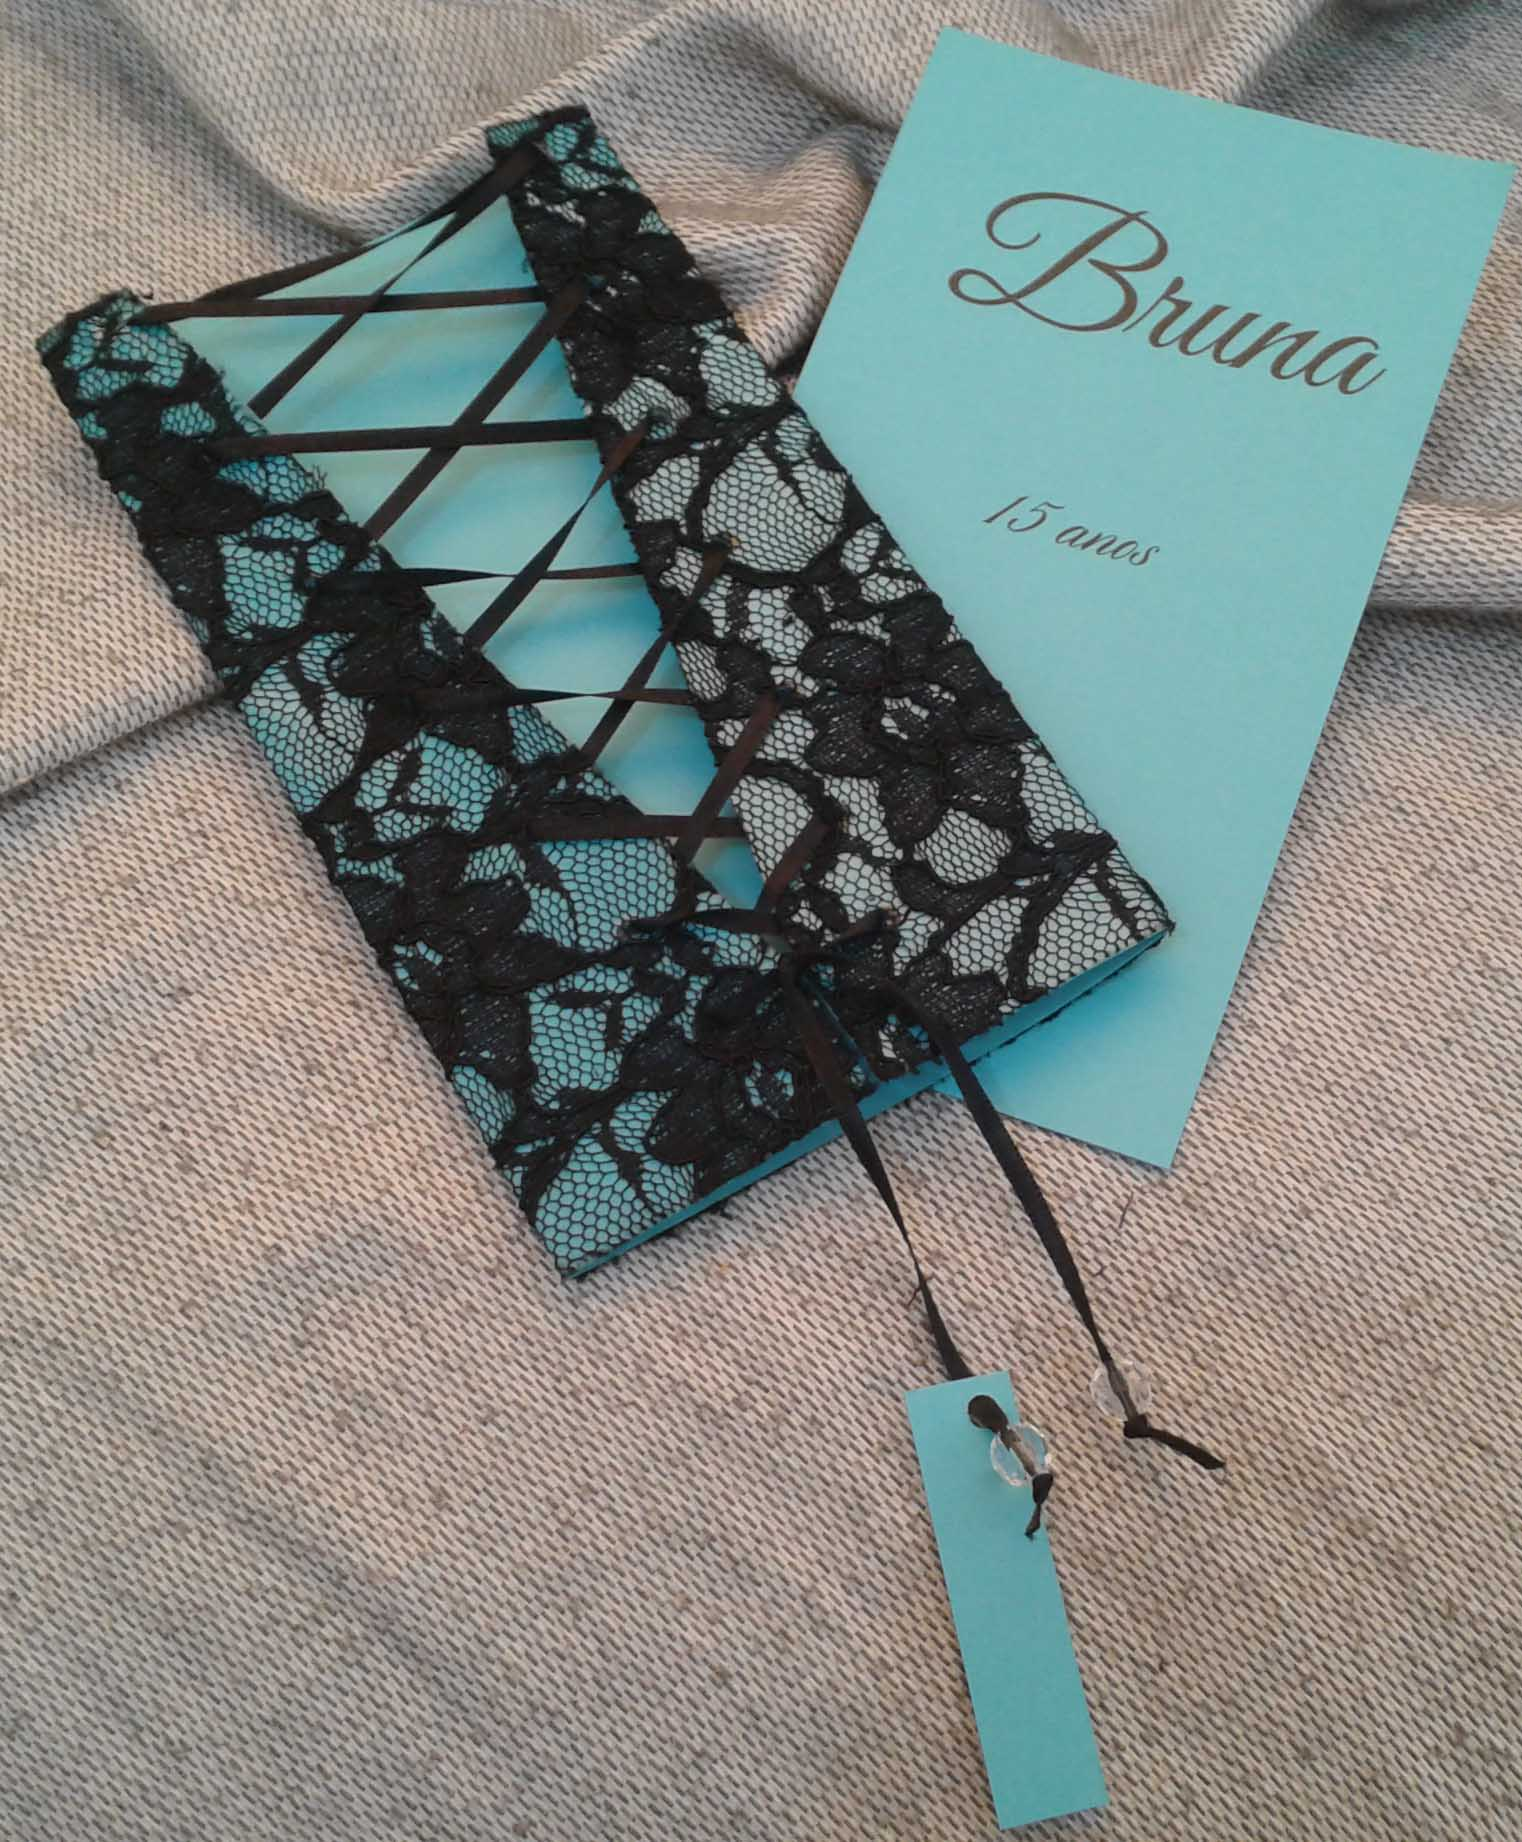 Bruna-2